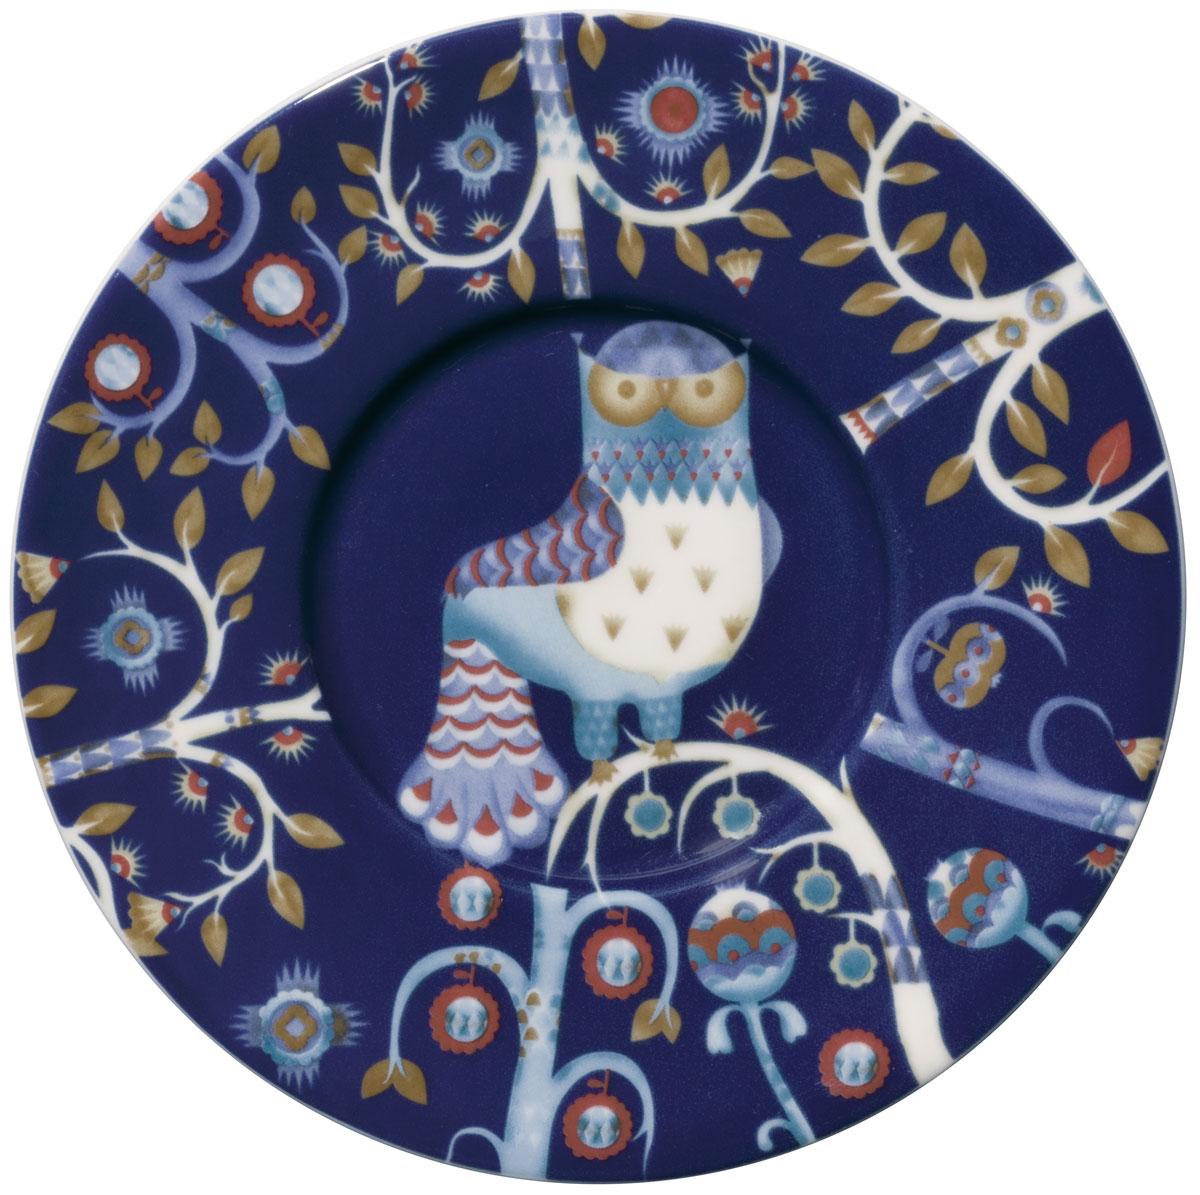 Блюдце Iittala Taika, цвет: синий, диаметр 15 см1012475Блюдце Iittala Taika выполнено из качественного жароустойчивого прочного фарфора с долговечным стекловидным эмалевым покрытием. Можно мыть в посудомоечной машине.Диаметр: 9,5 см.